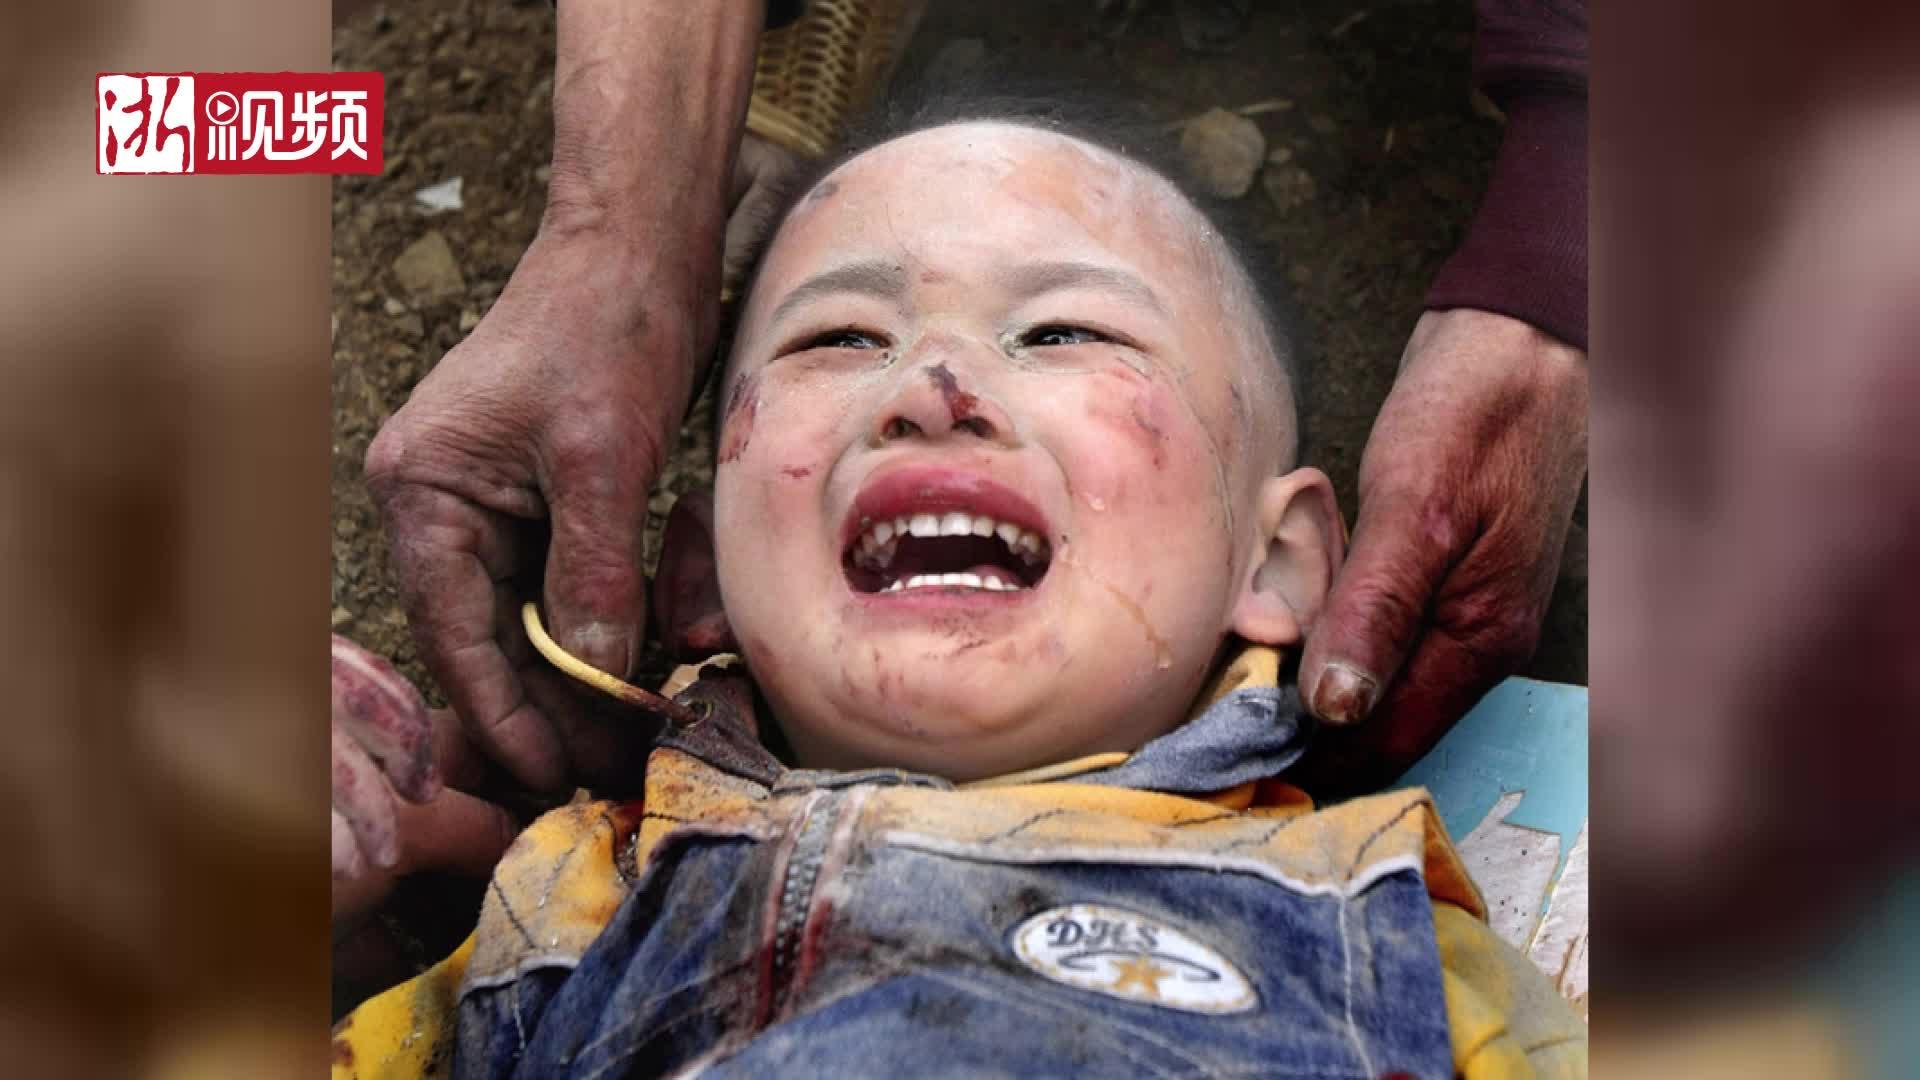 """汶川地震""""敬礼娃娃""""已成少年 家人尝试联系救人解放军表感谢"""